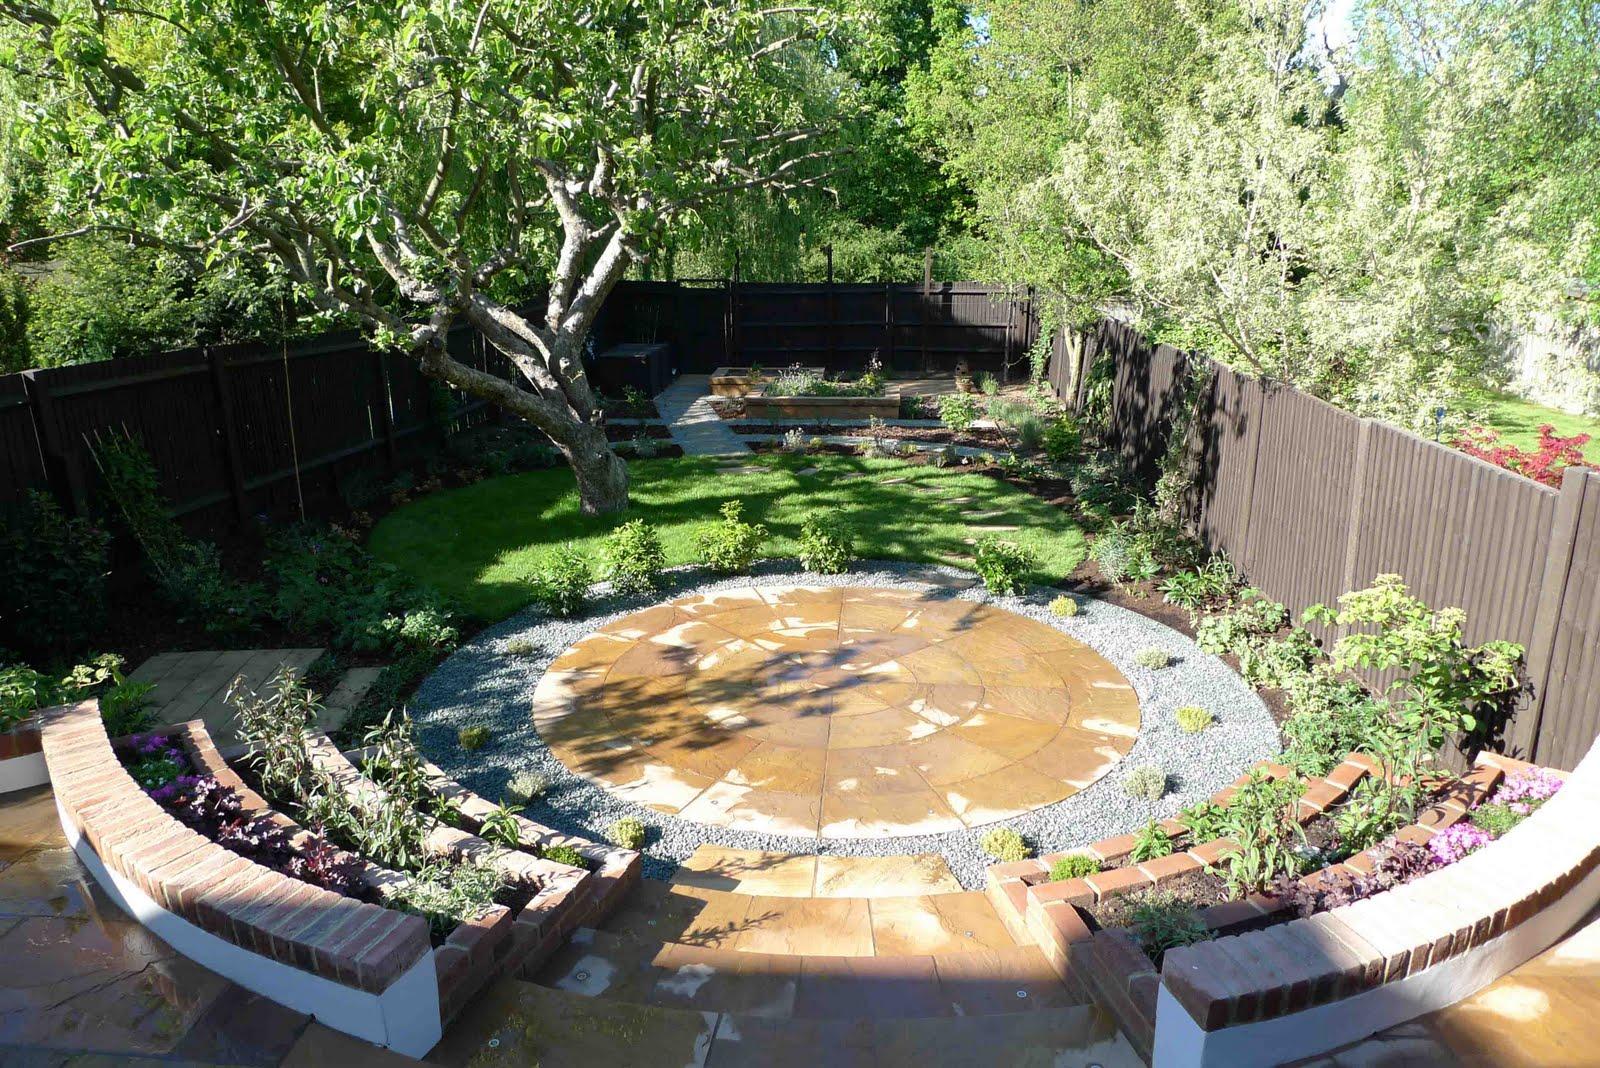 Best Vegetable Garden Idea